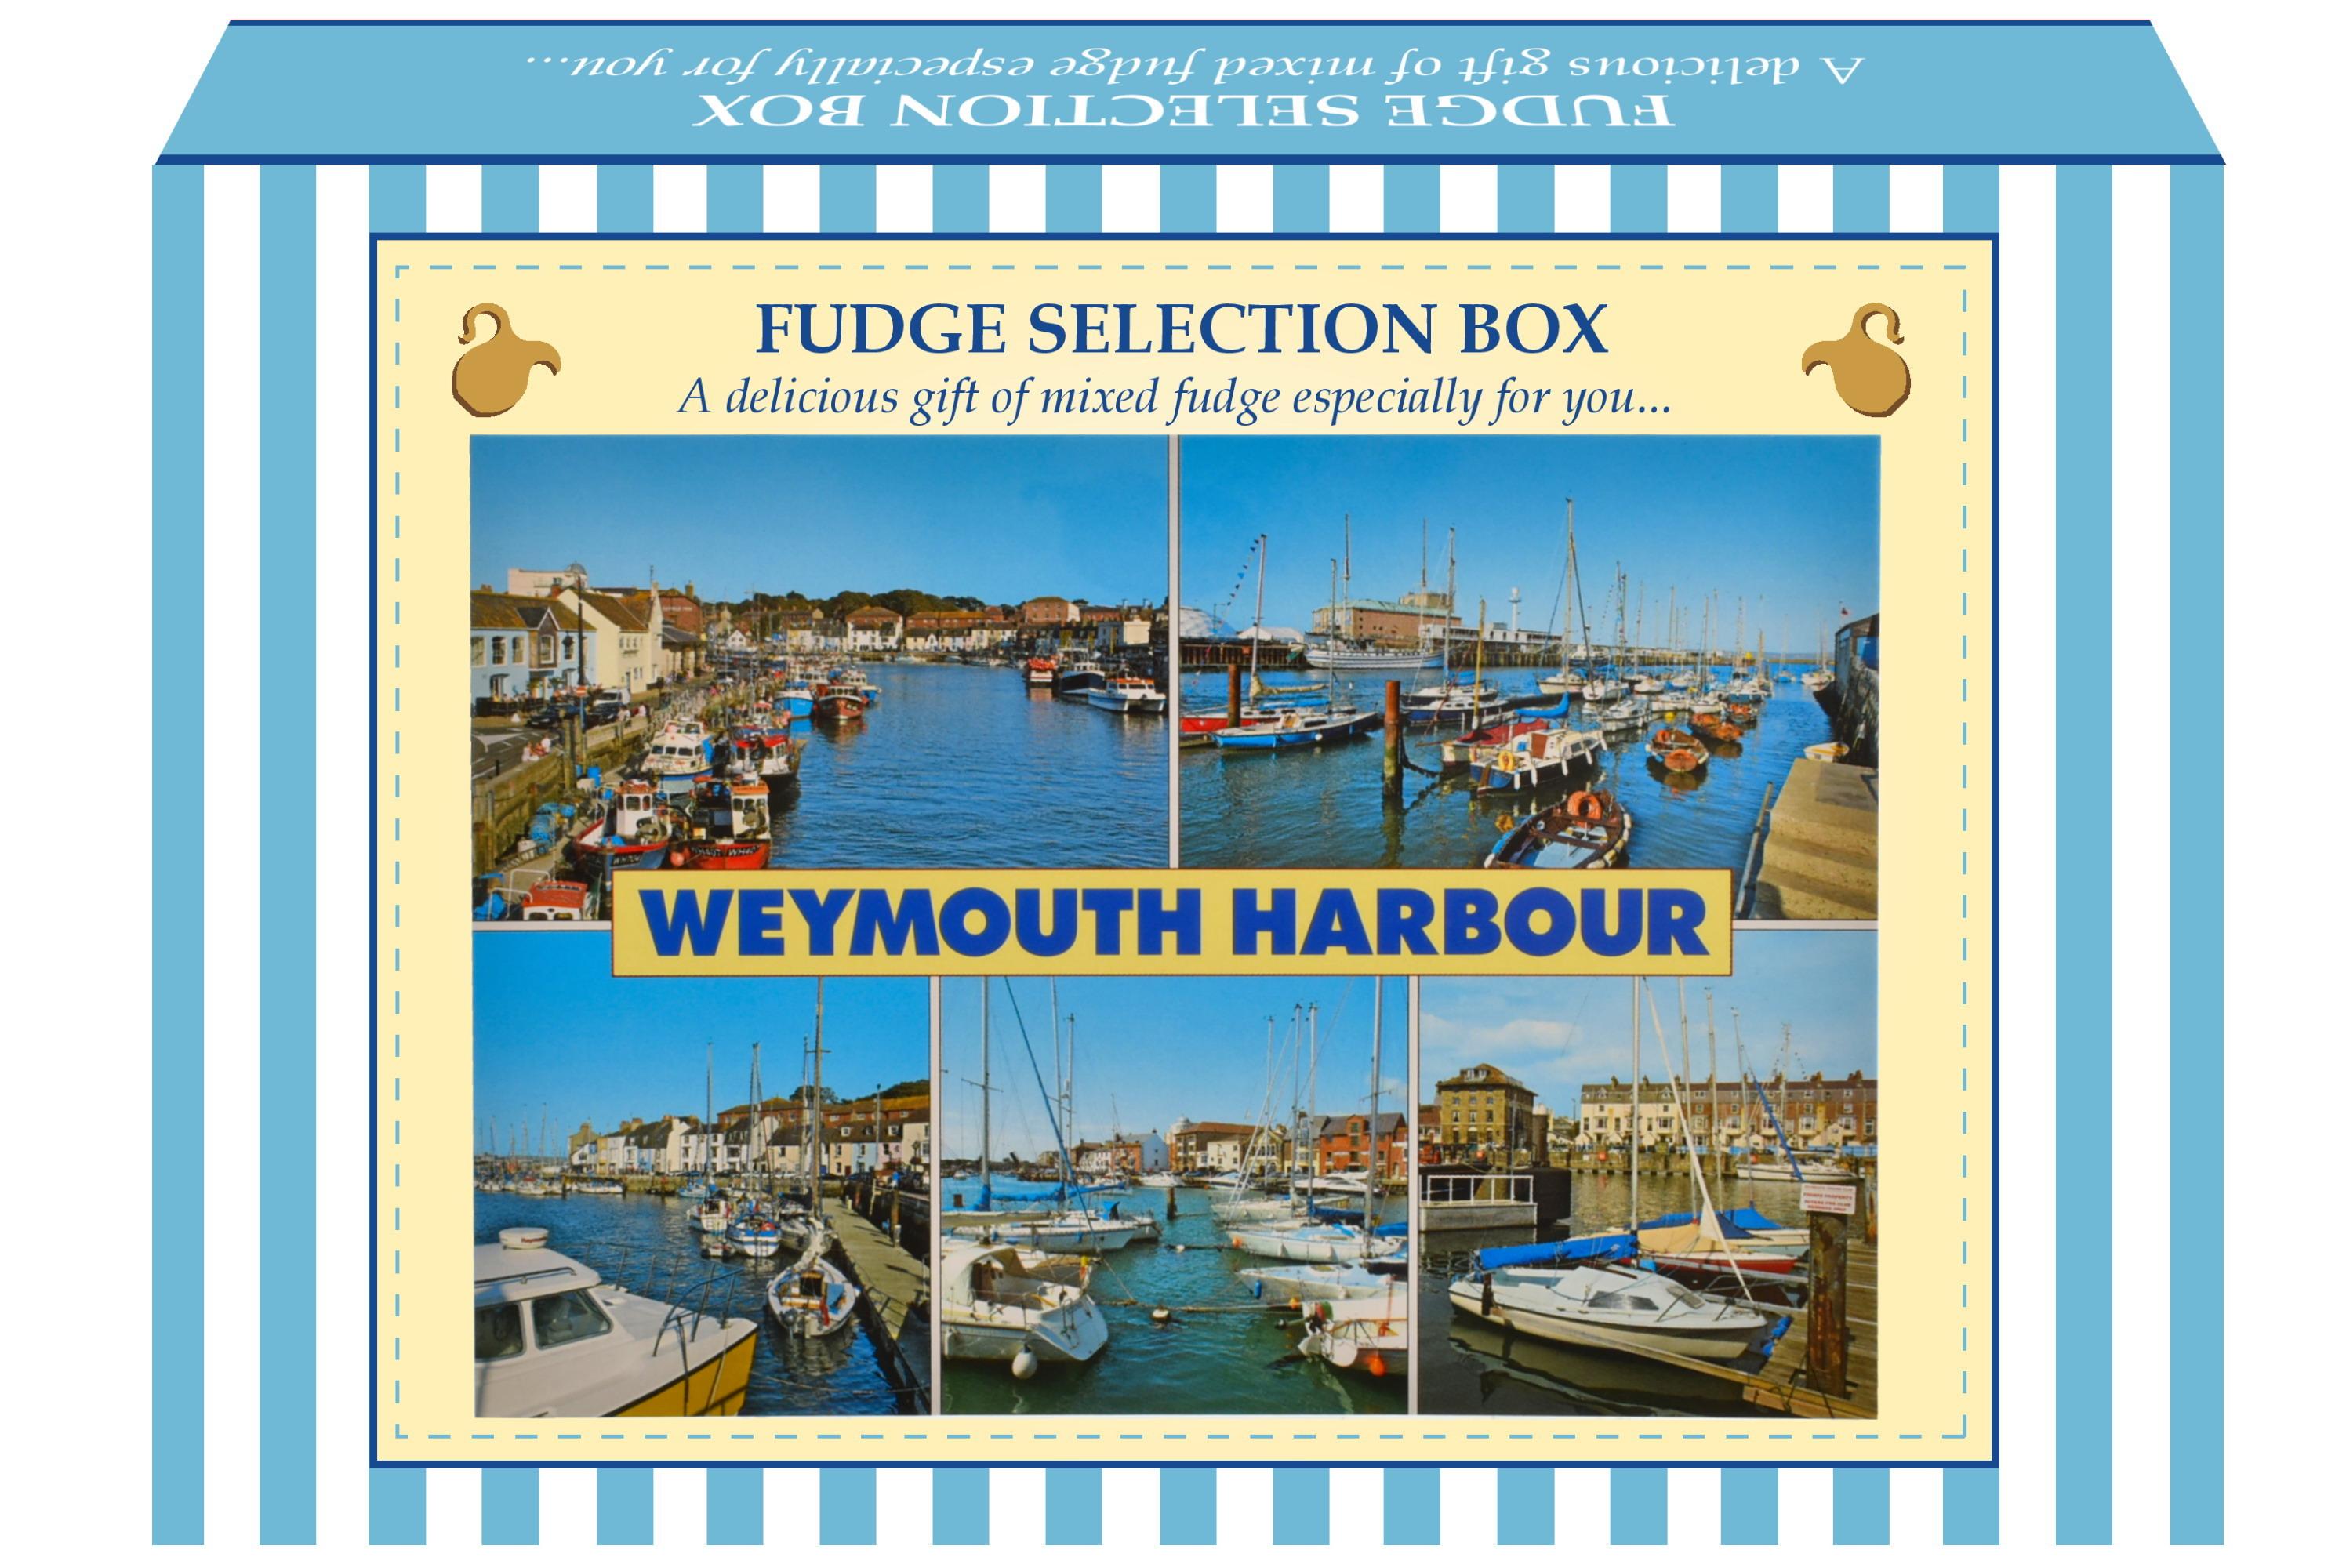 200g Mixed Fudge Postcard Gift Box